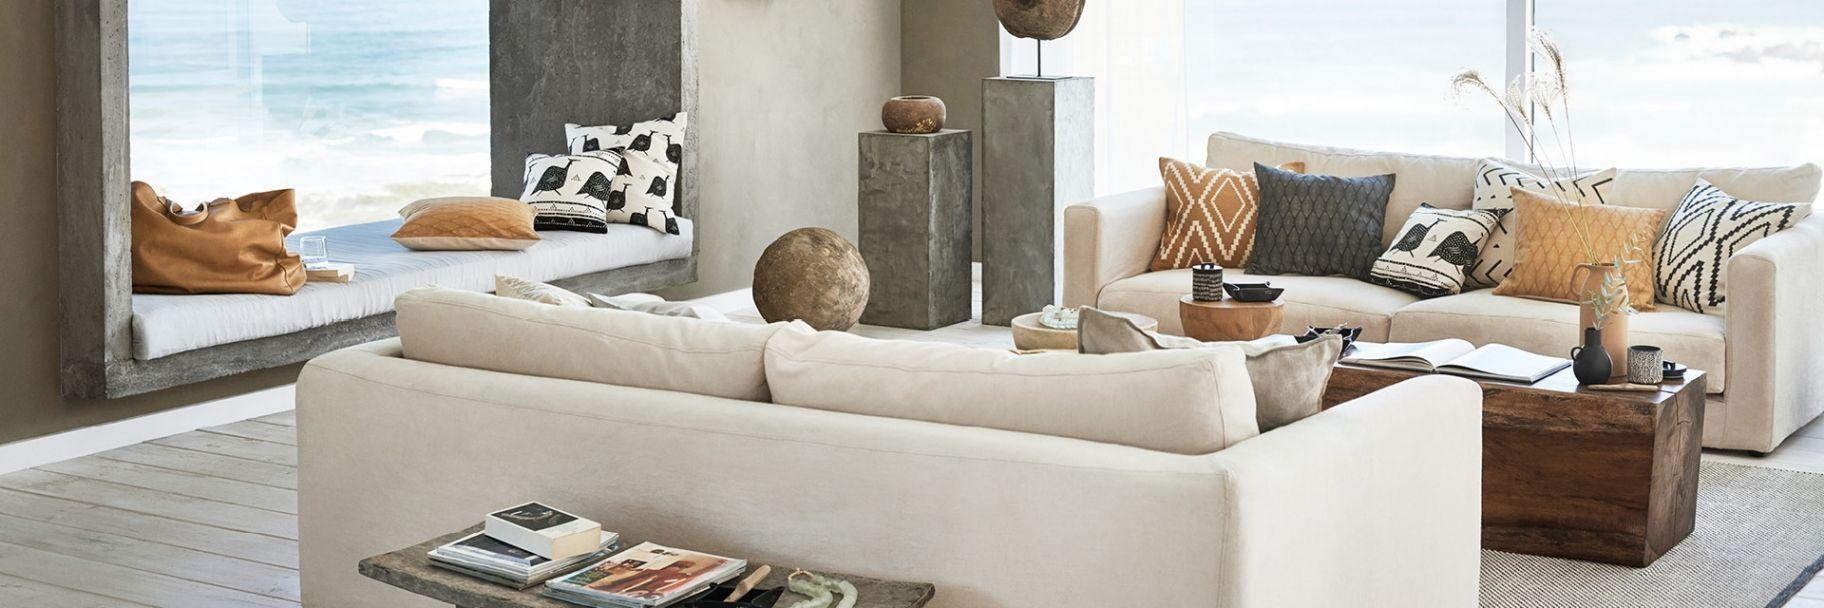 Elegant Hm Wohnzimmer Wohnzimmer Couch Wohnzimmer Couch